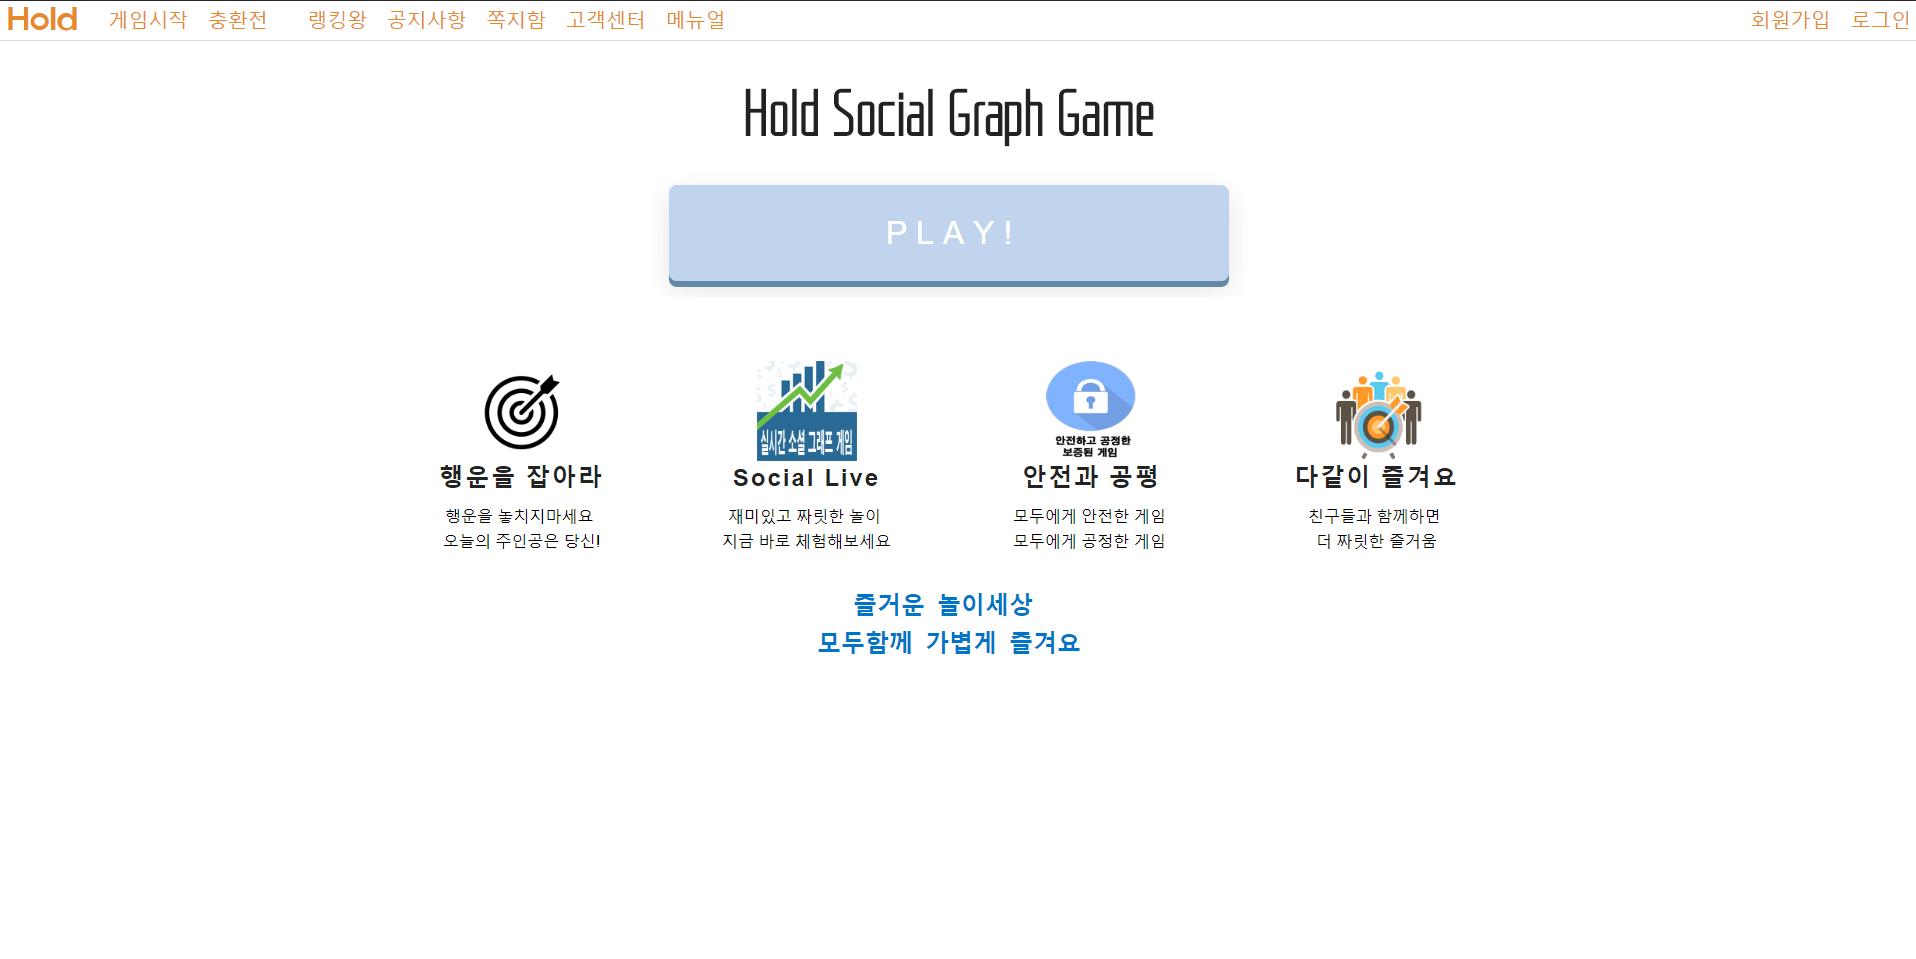 [먹튀사이트]HOLD(홀드 먹튀) hol-009.com 먹튀검증 토토사이트 먹튀검증사이트 토토안내소